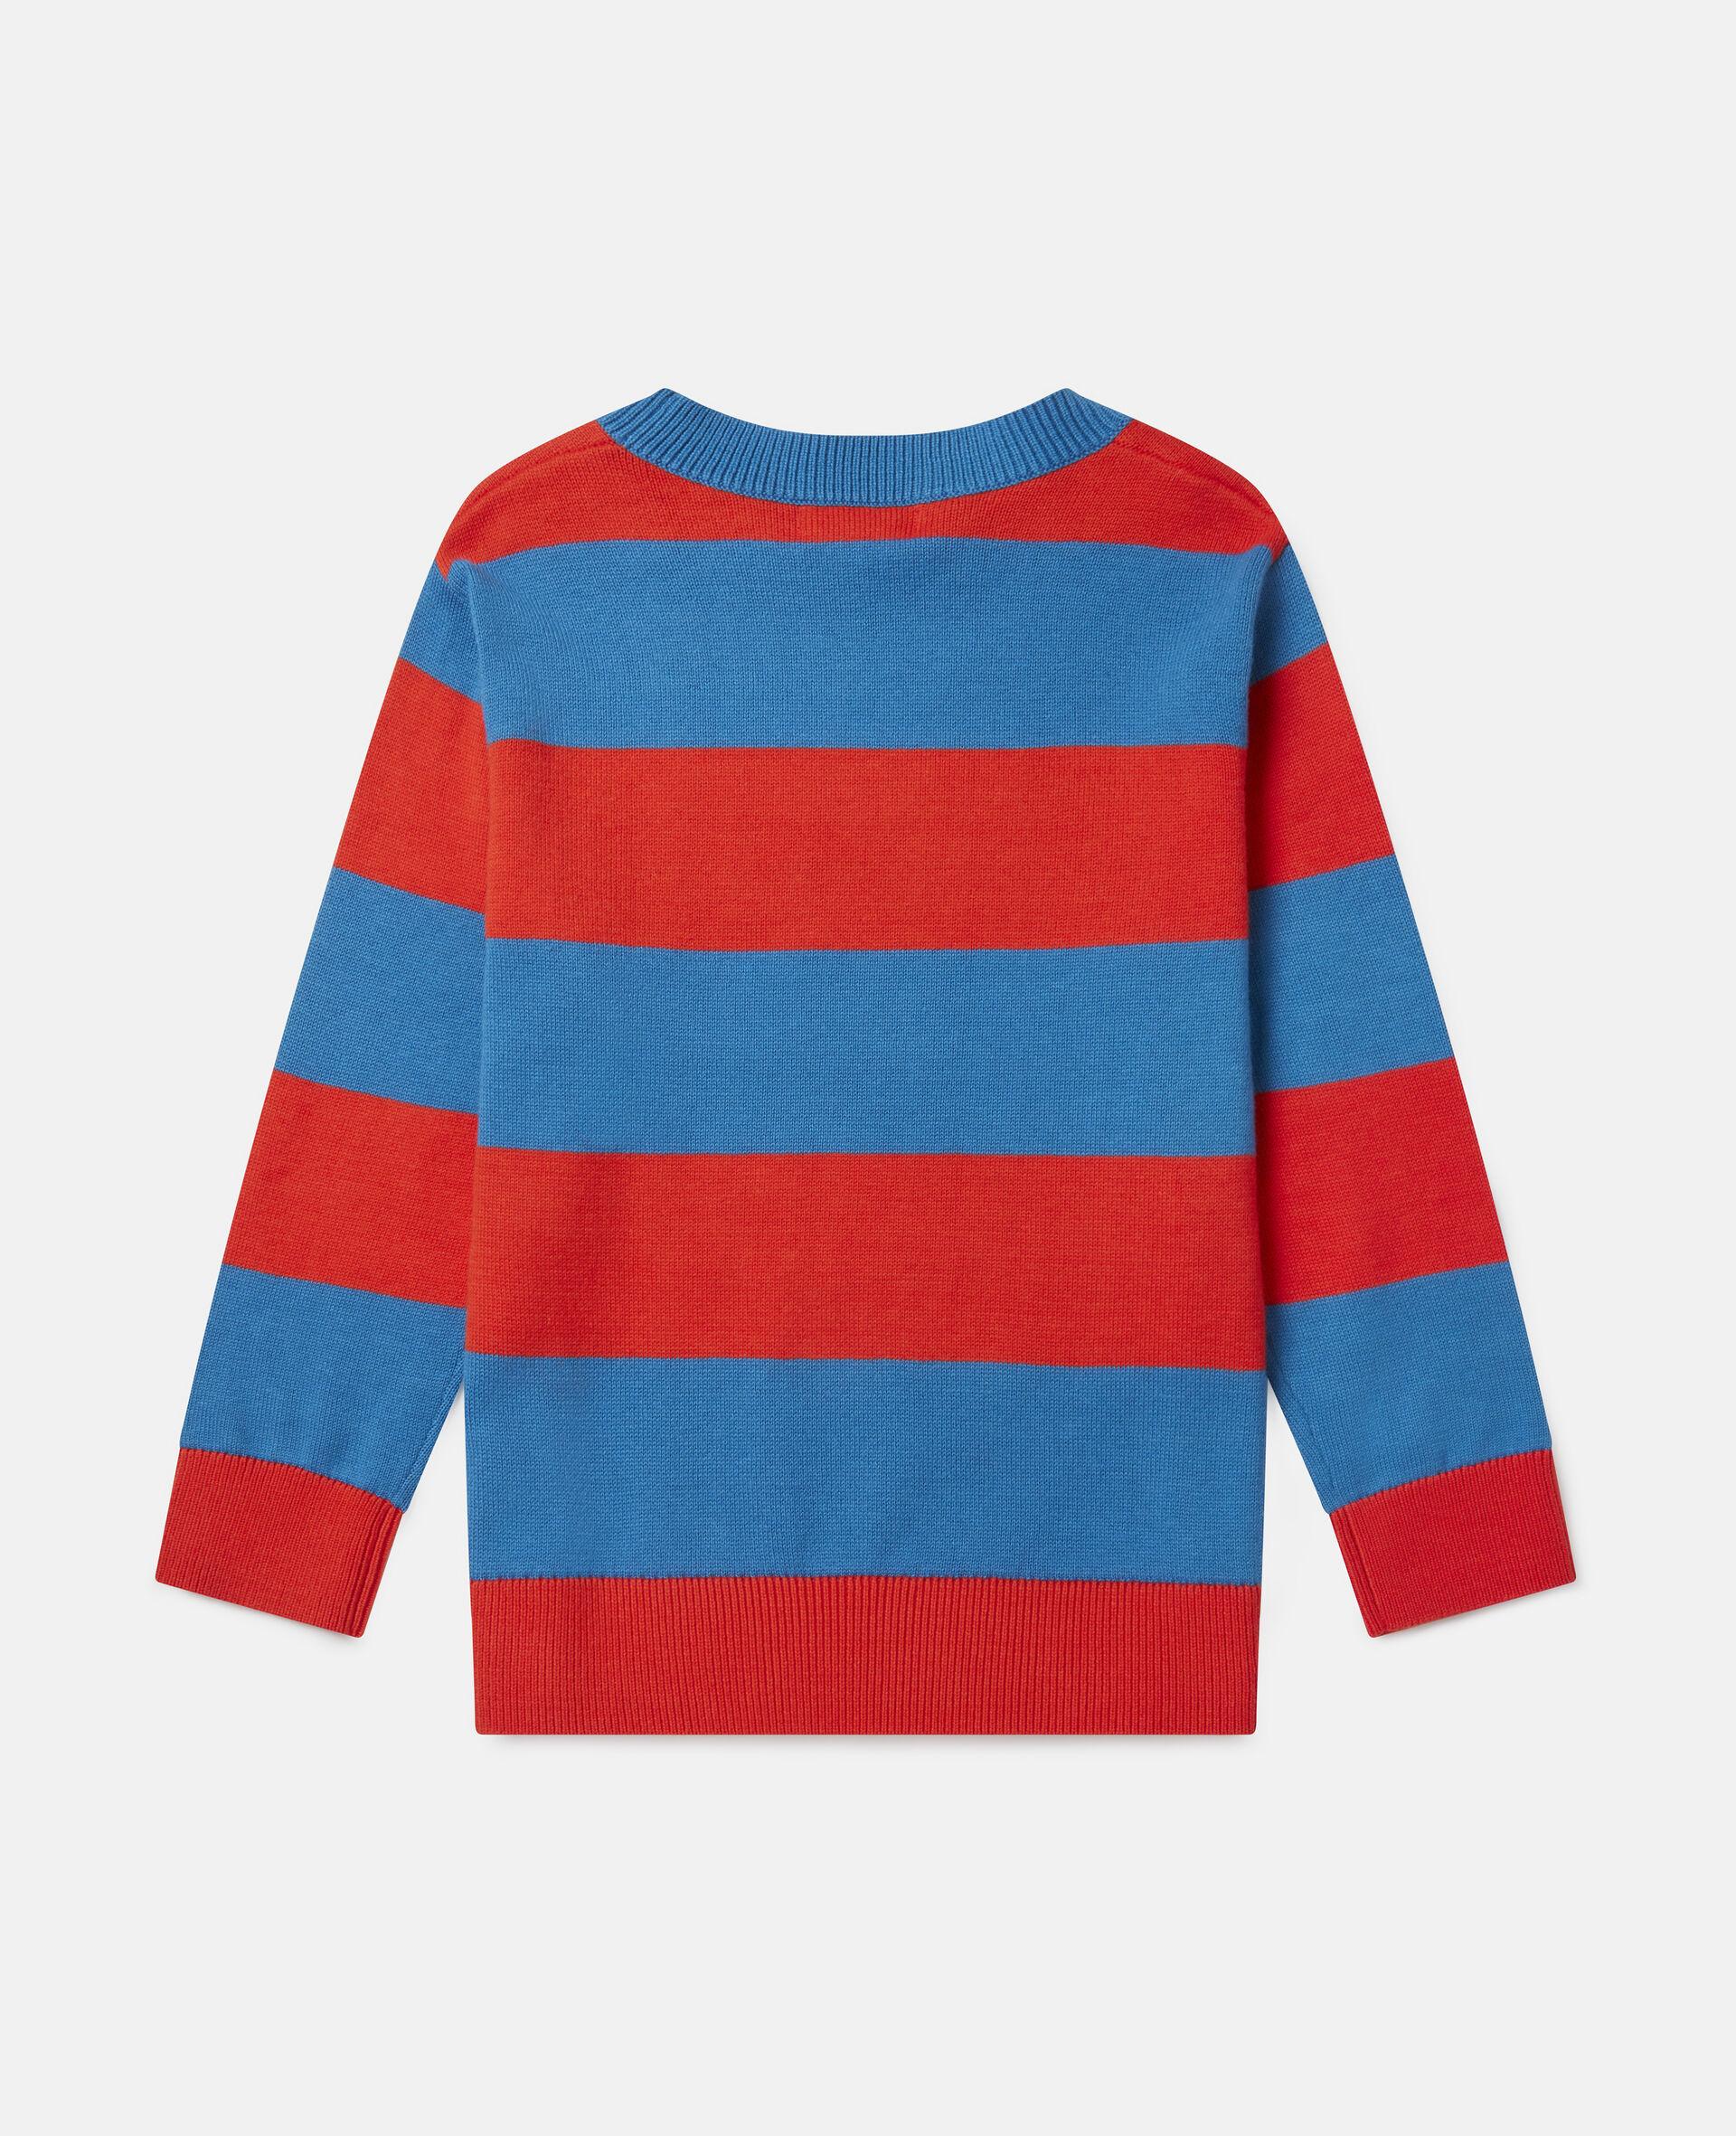 Crazy Dog Oversized Knit Intarsia Sweater-Multicoloured-large image number 3